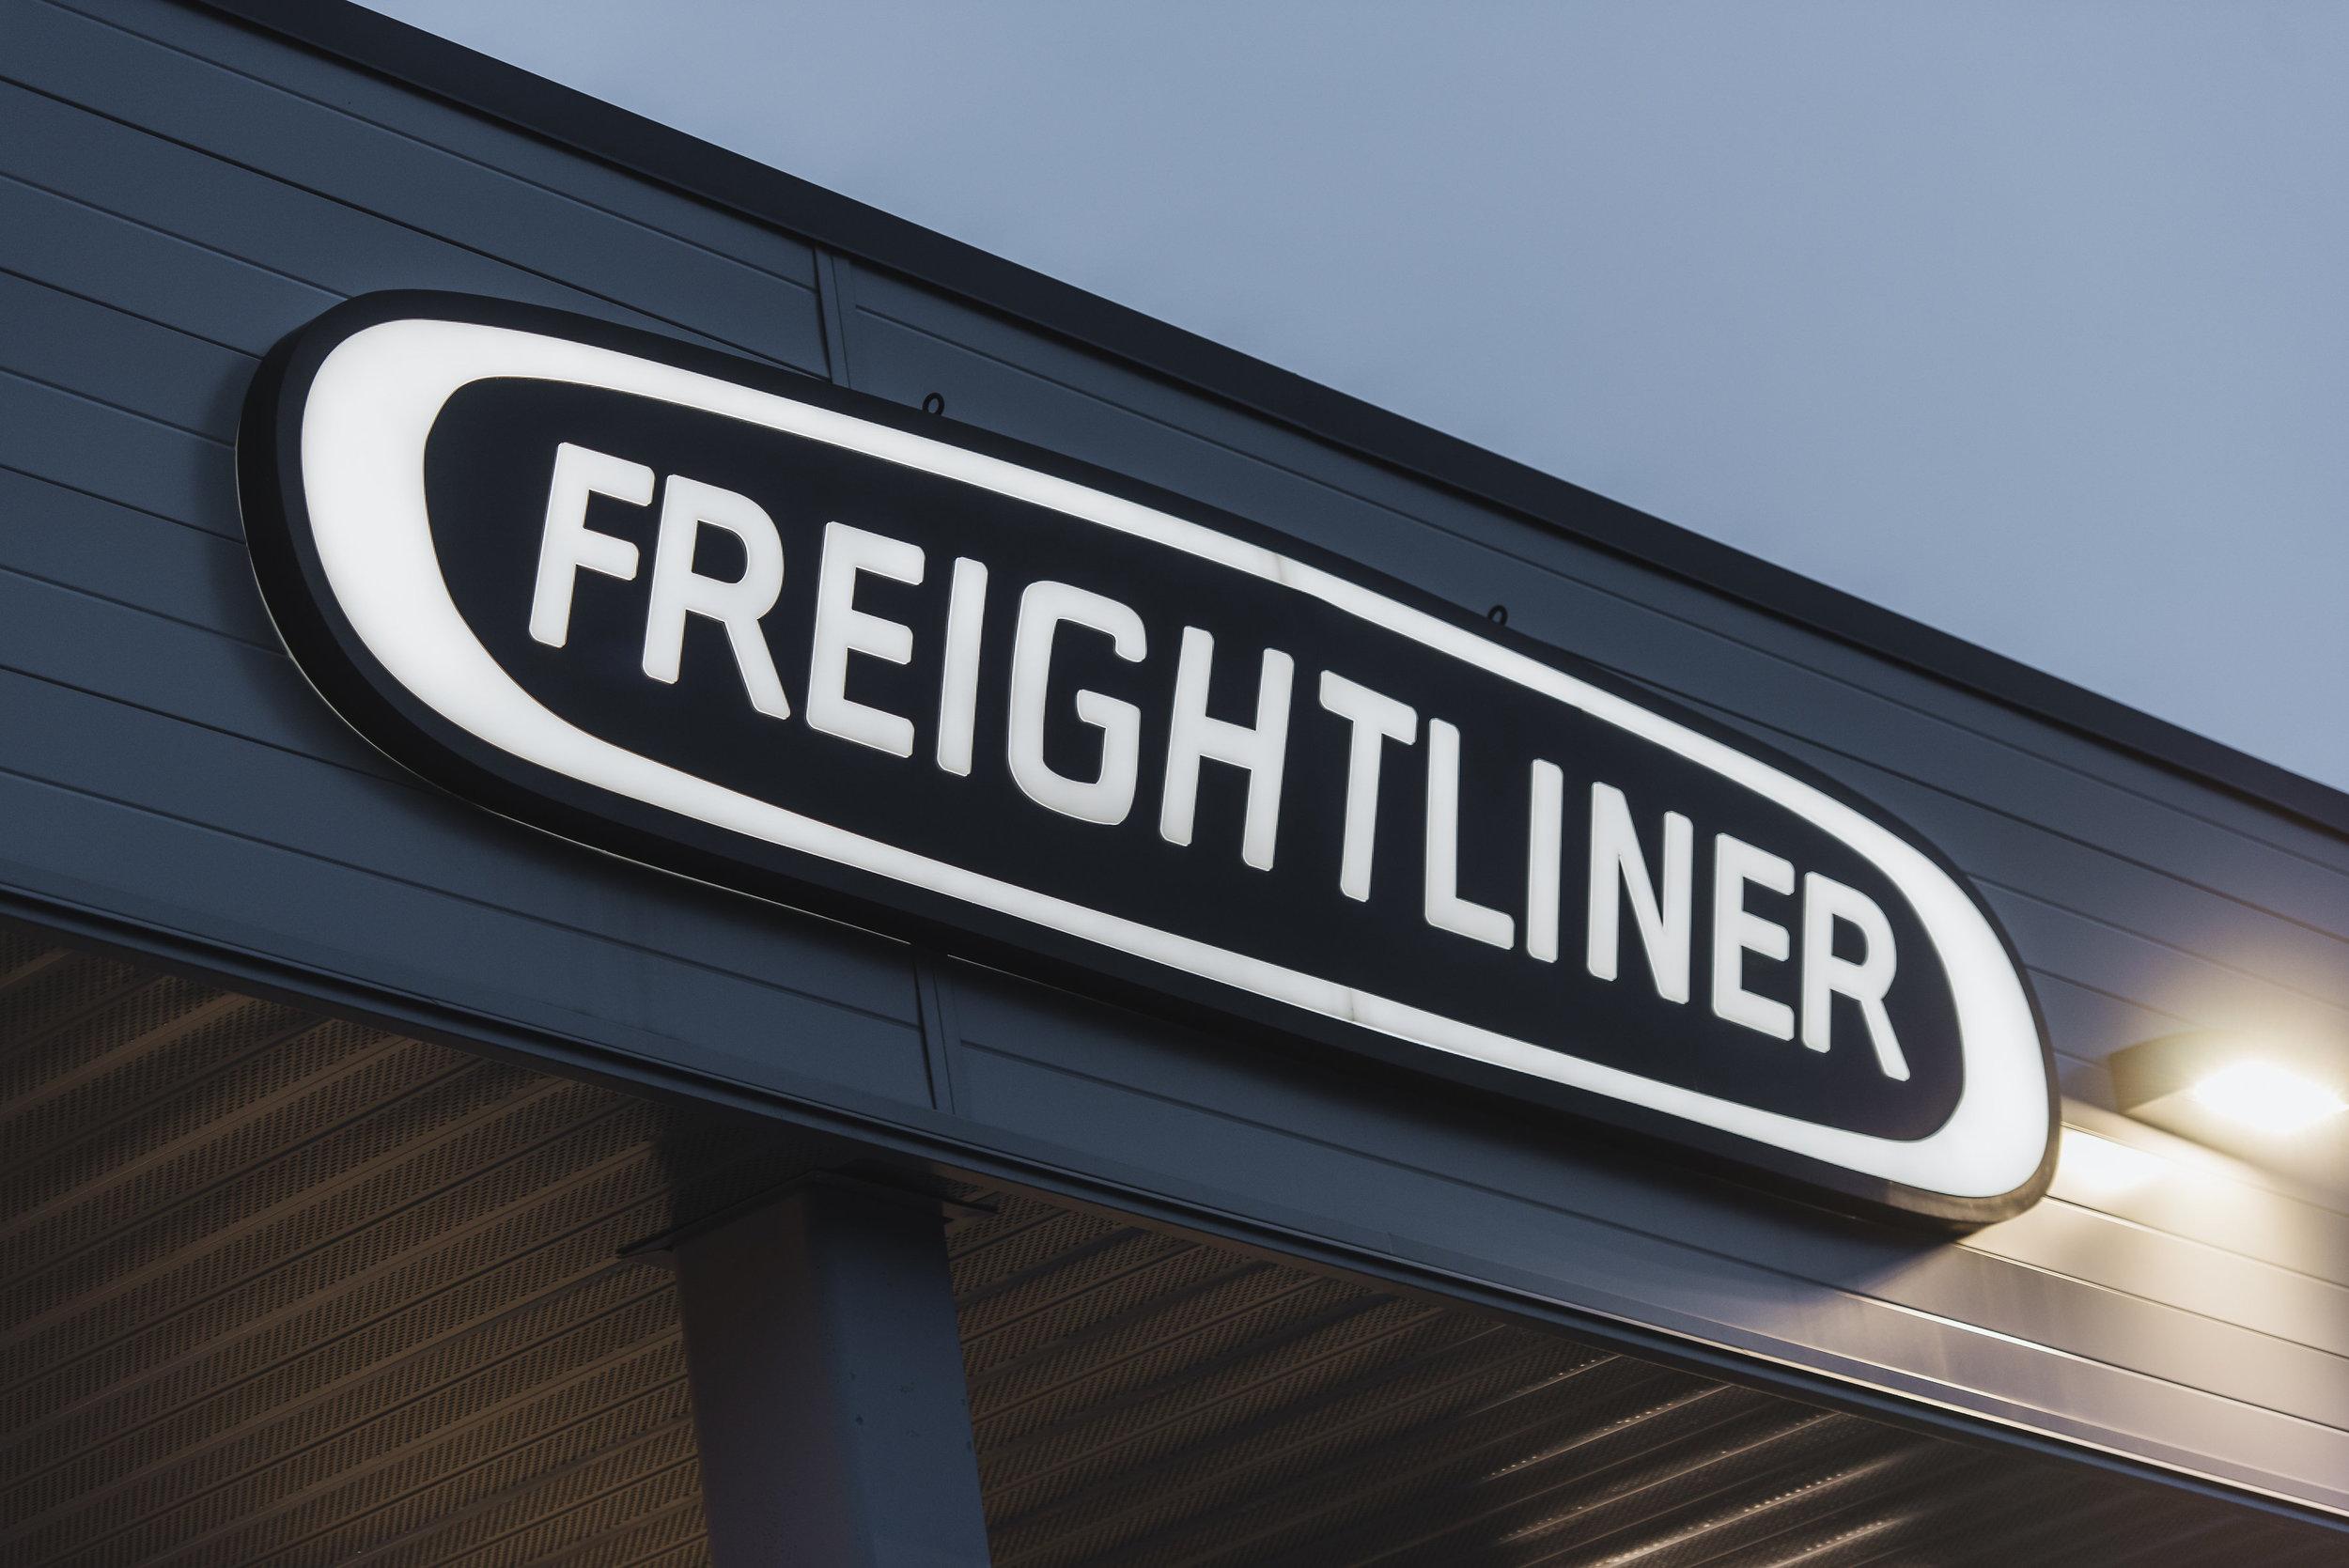 freightliner-0020.jpg